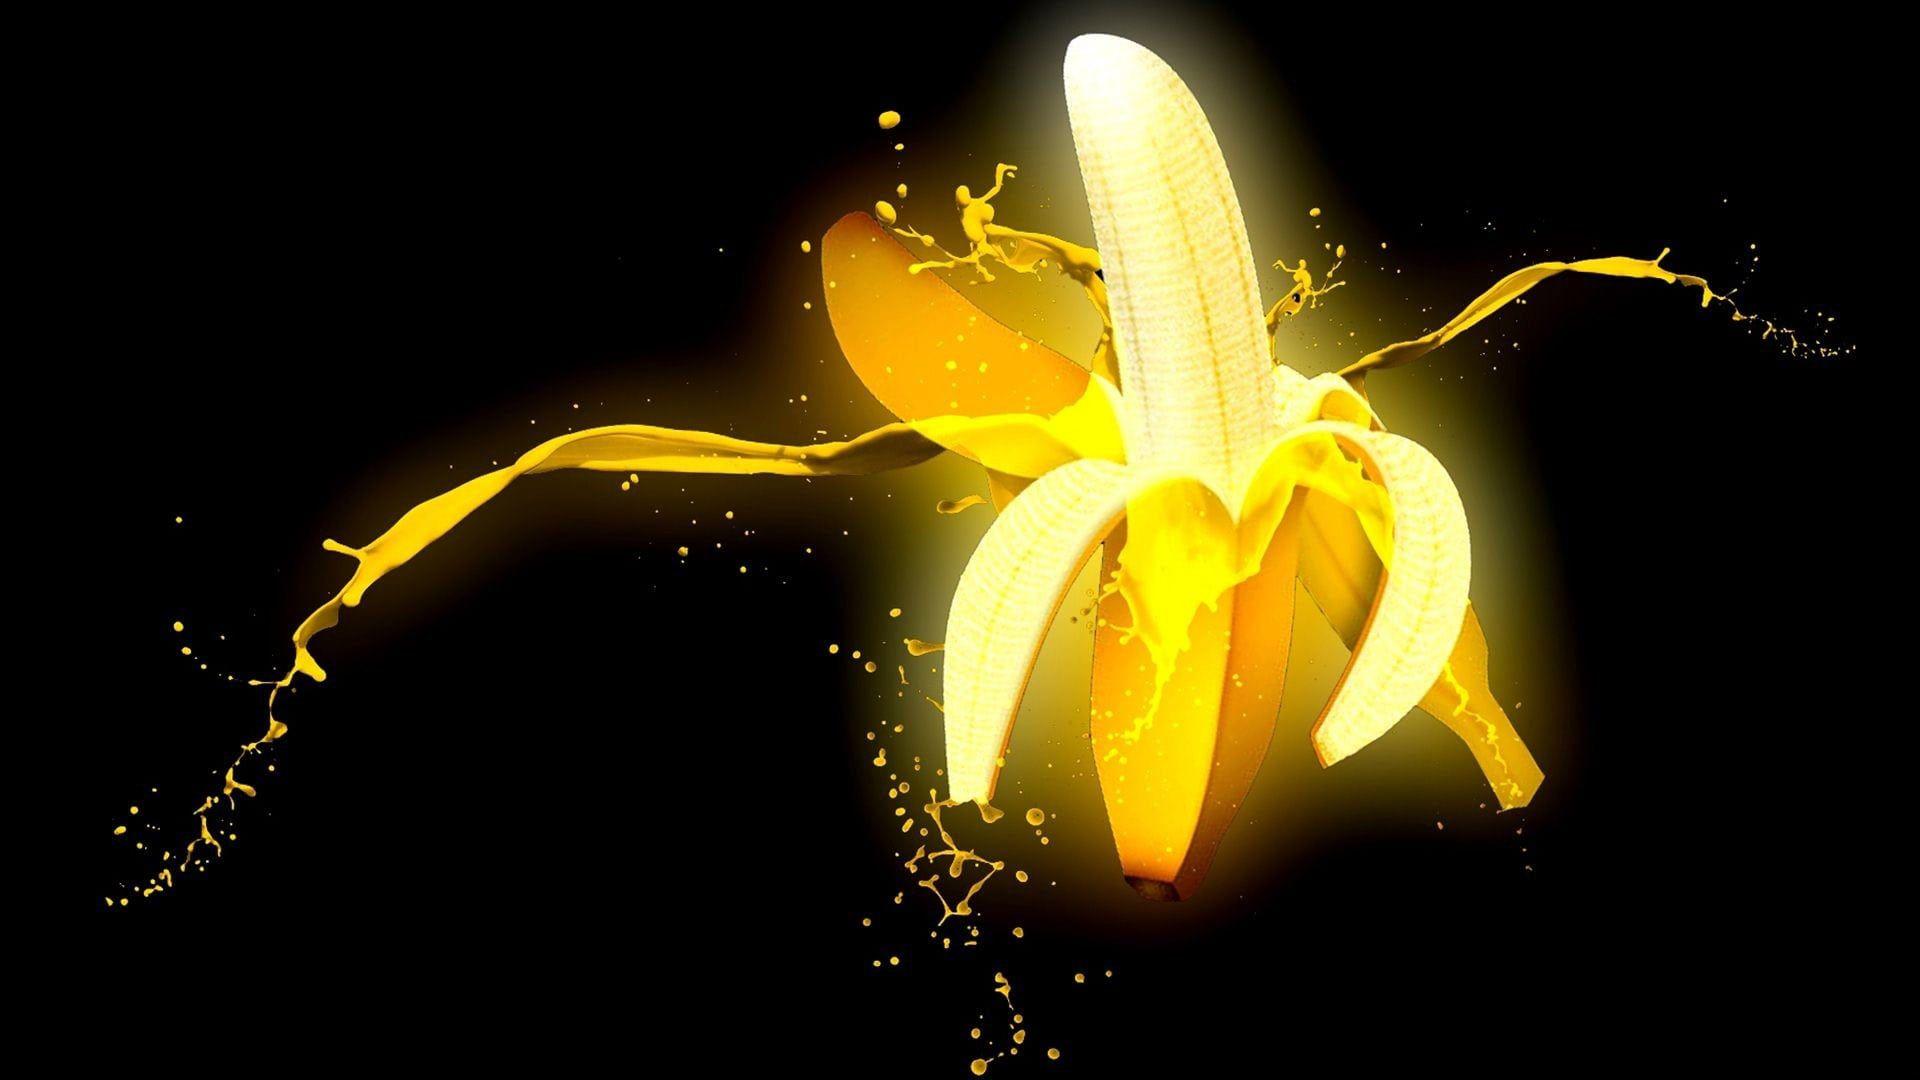 banana hd images 1 whb #bananahdimages #banana #fruit #wallpapers